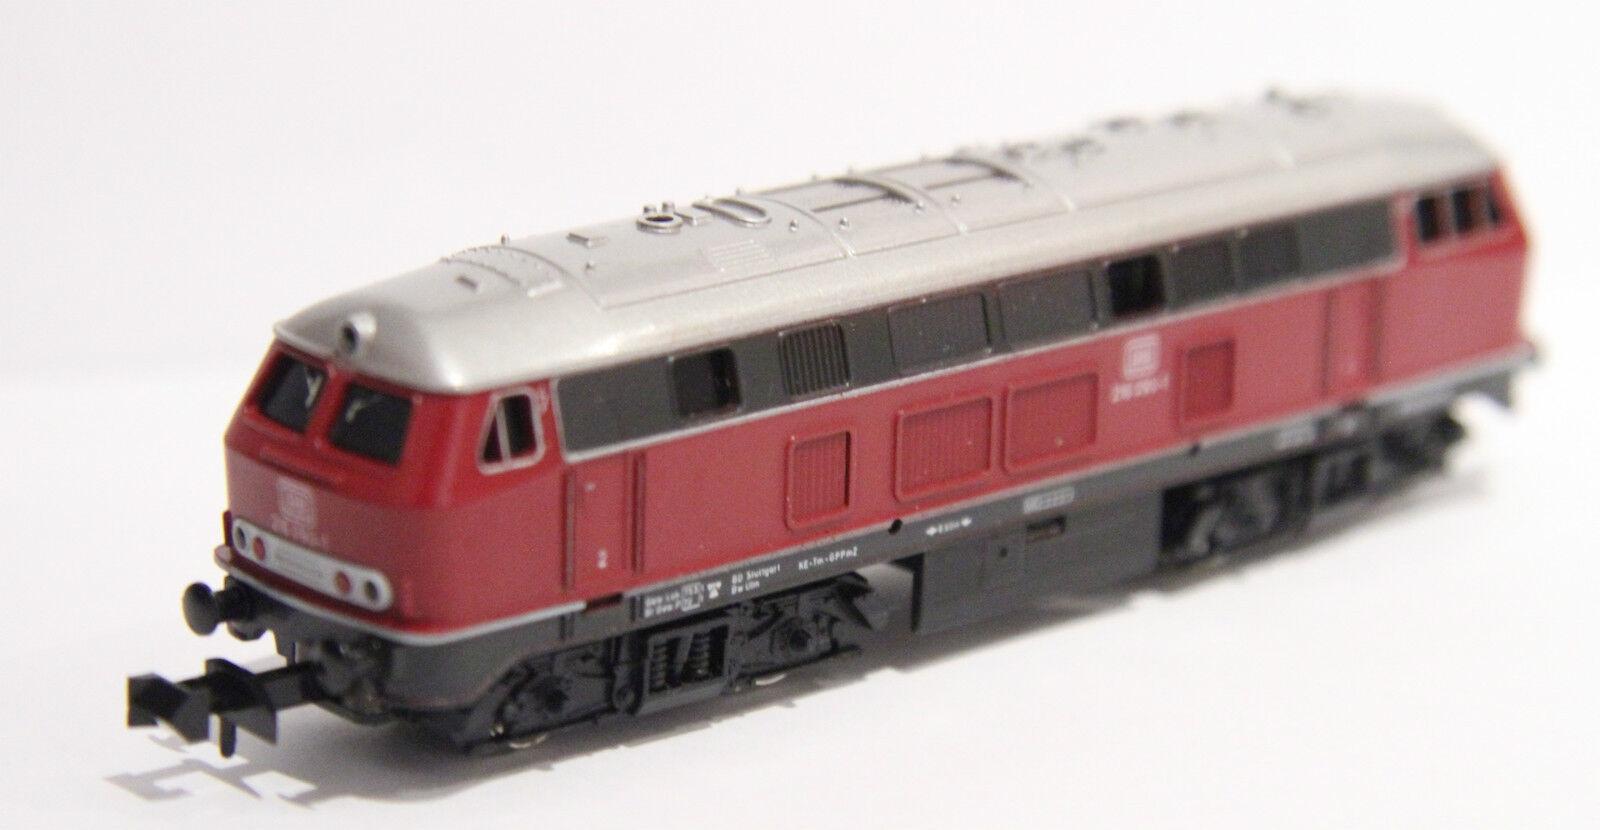 MINITRIX Diesellok Lokomotive BR 216 21295900 (V 160)  | Wir haben von unseren Kunden Lob erhalten.